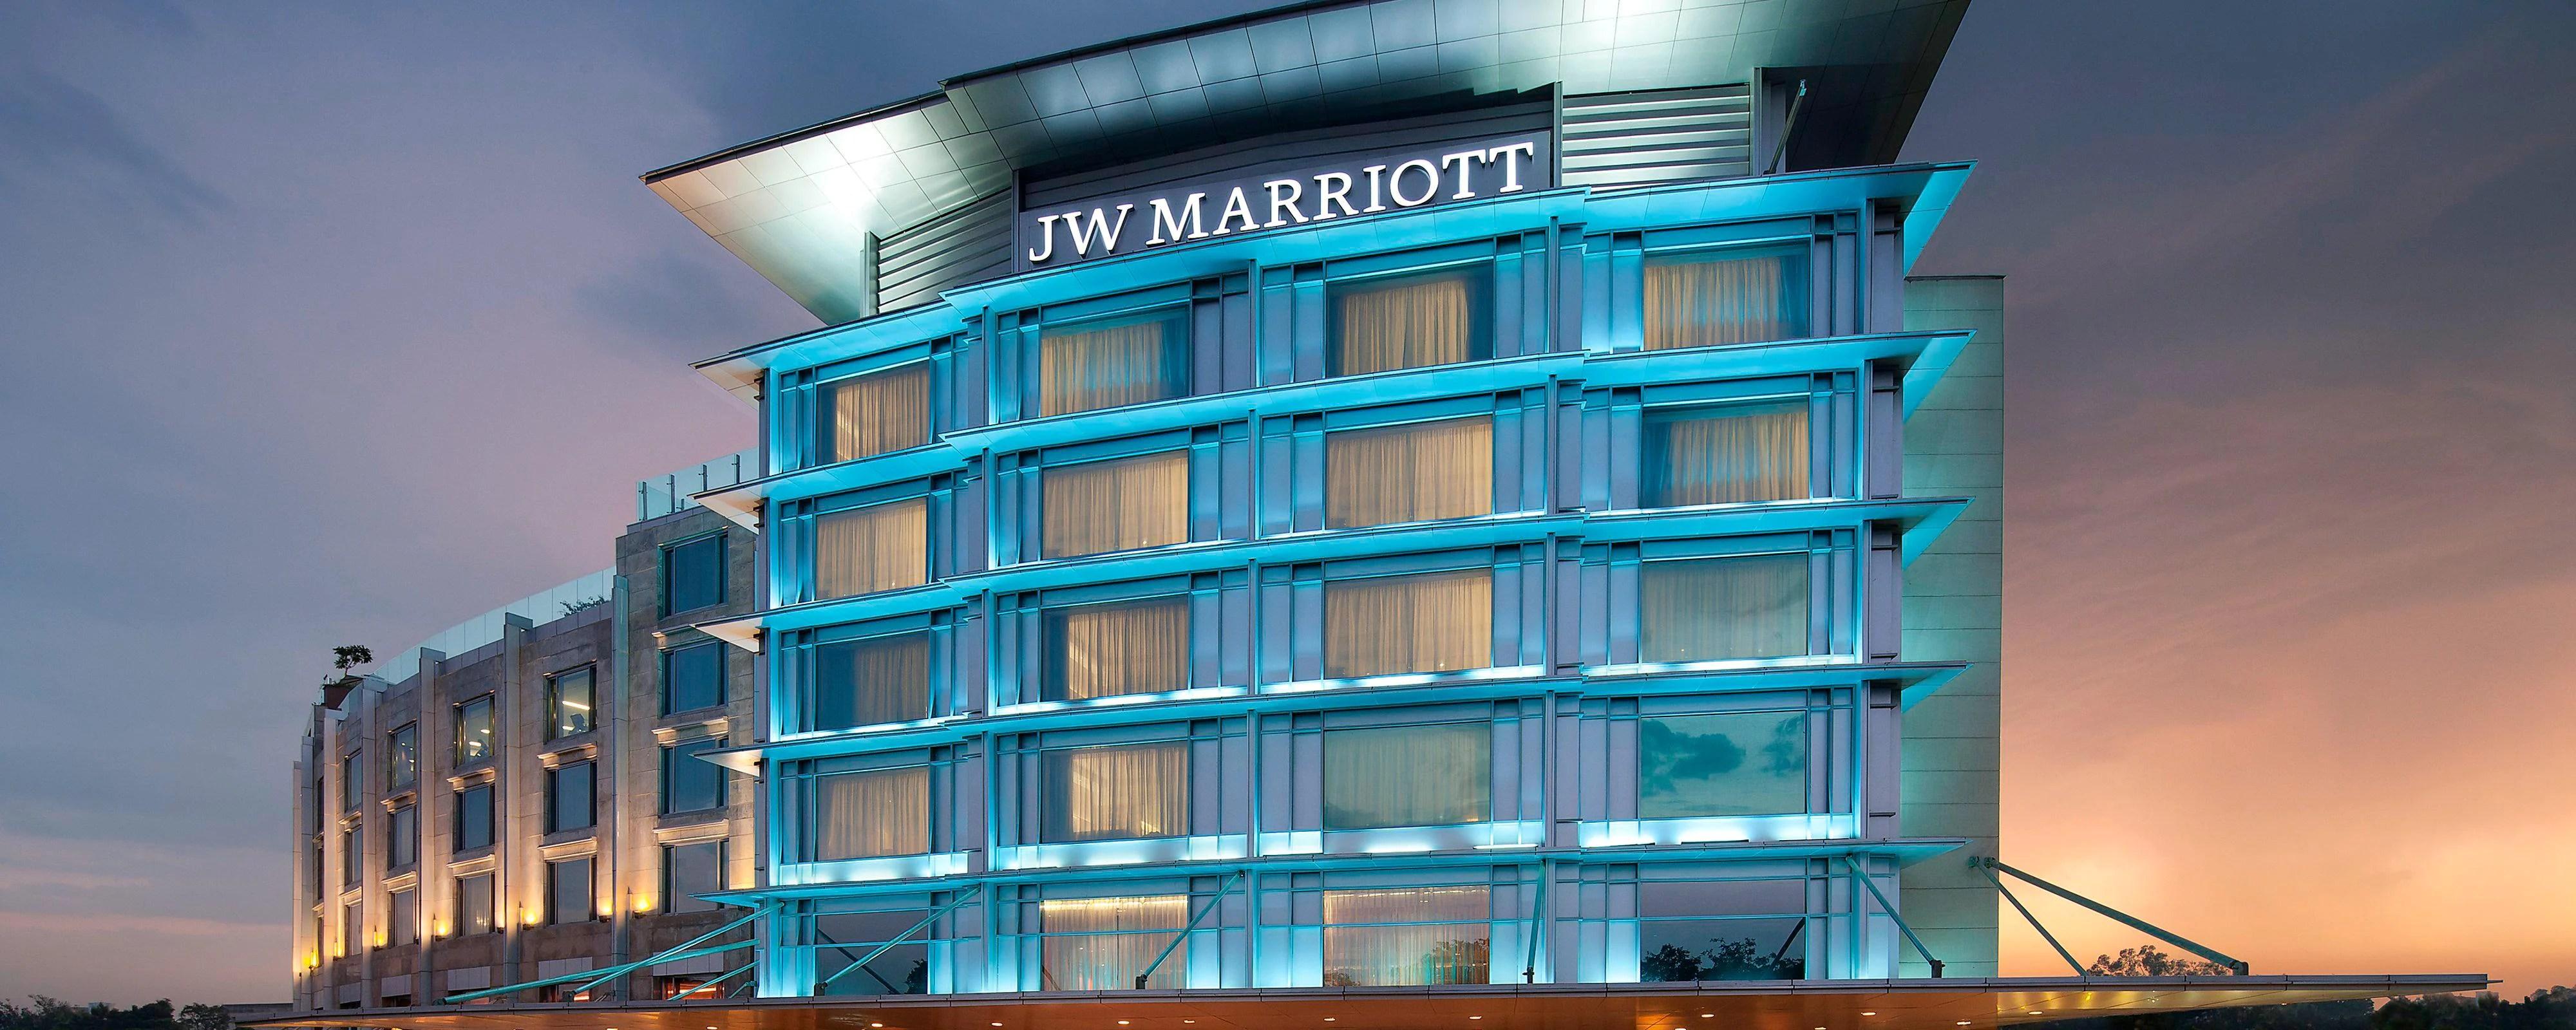 Chandigarh Business Hotel Jw Marriott Hotel Chandigarh